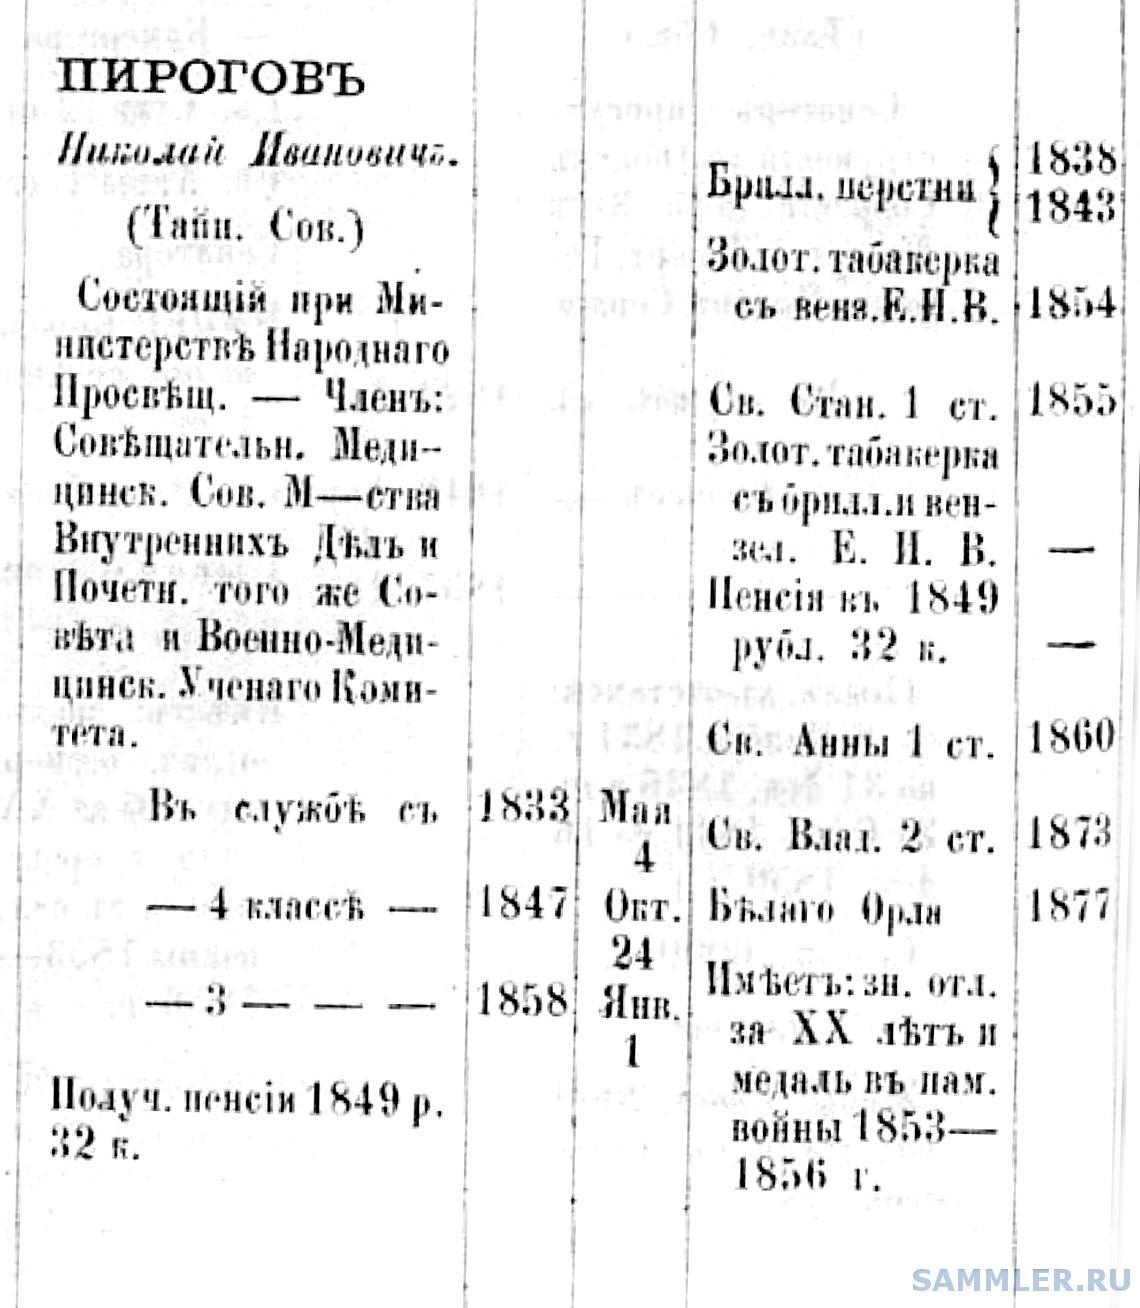 пирогов на 15 февраля 1877 г..jpg